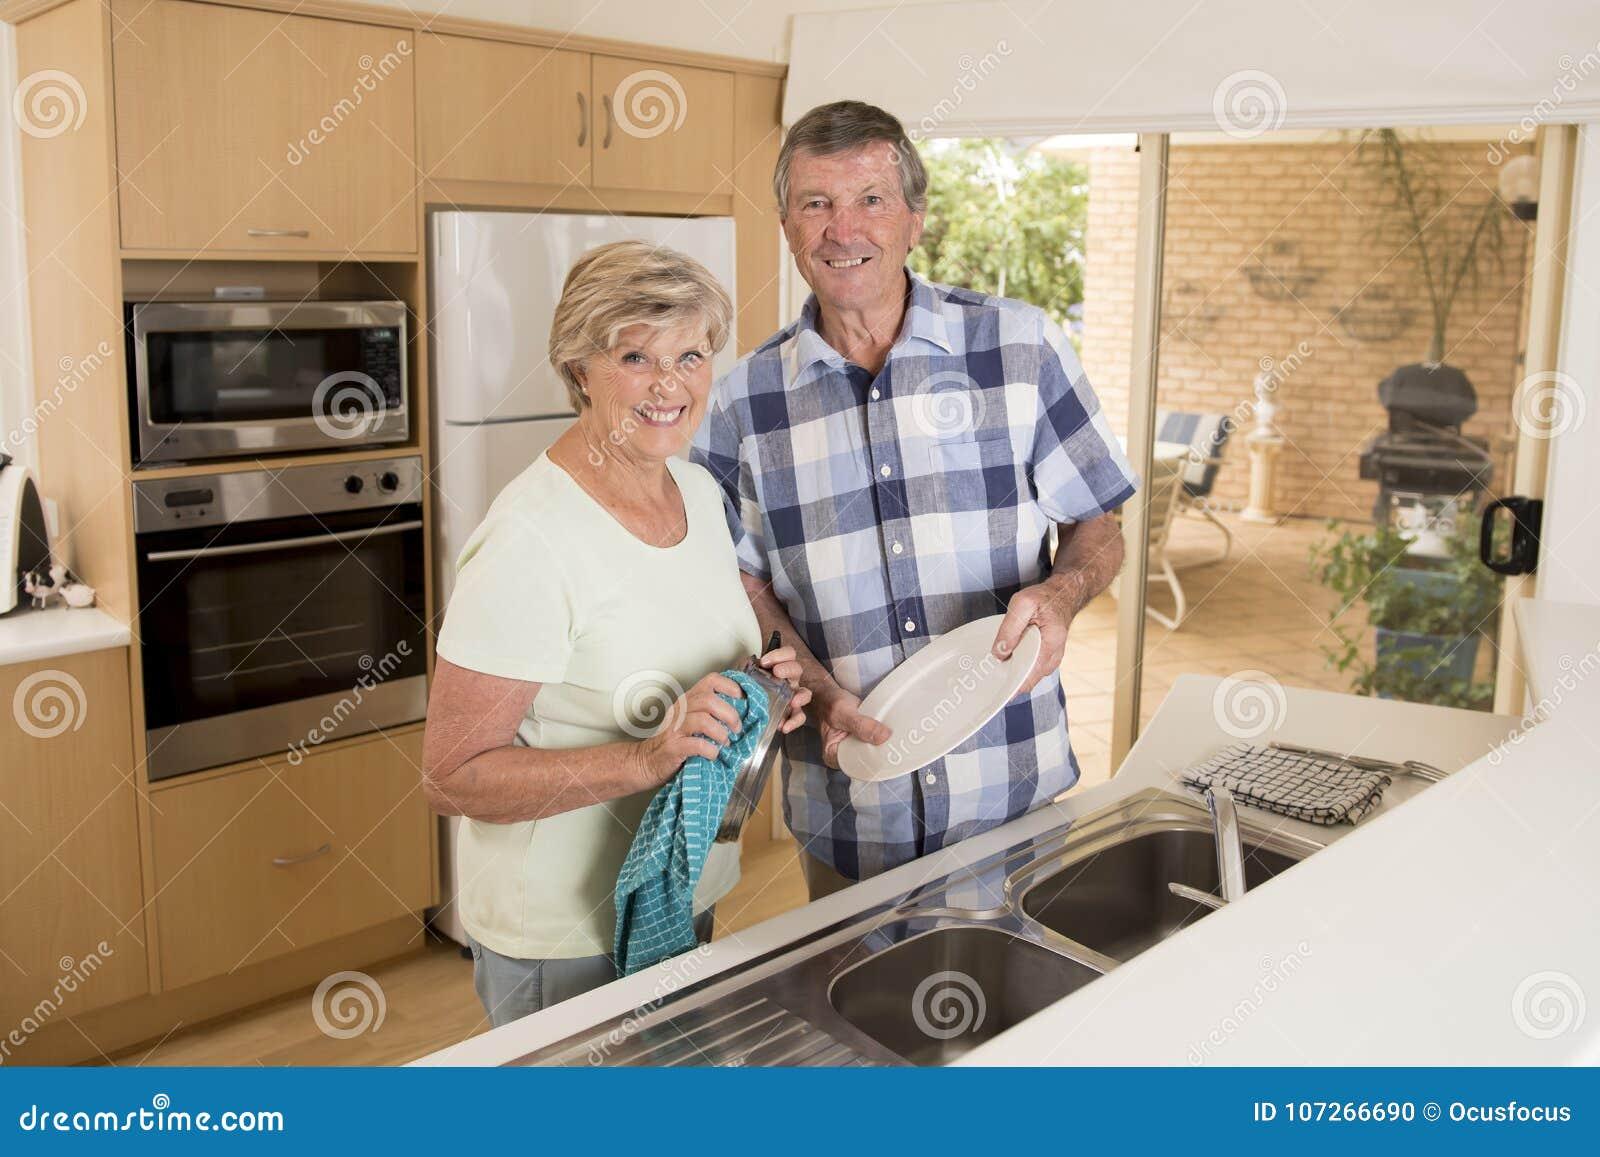 Starsza piękna wiek średni para uśmiecha się szczęśliwego kuchennego domycie w domu patrzeje cukierki wpólnie wokoło 70 lat naczy